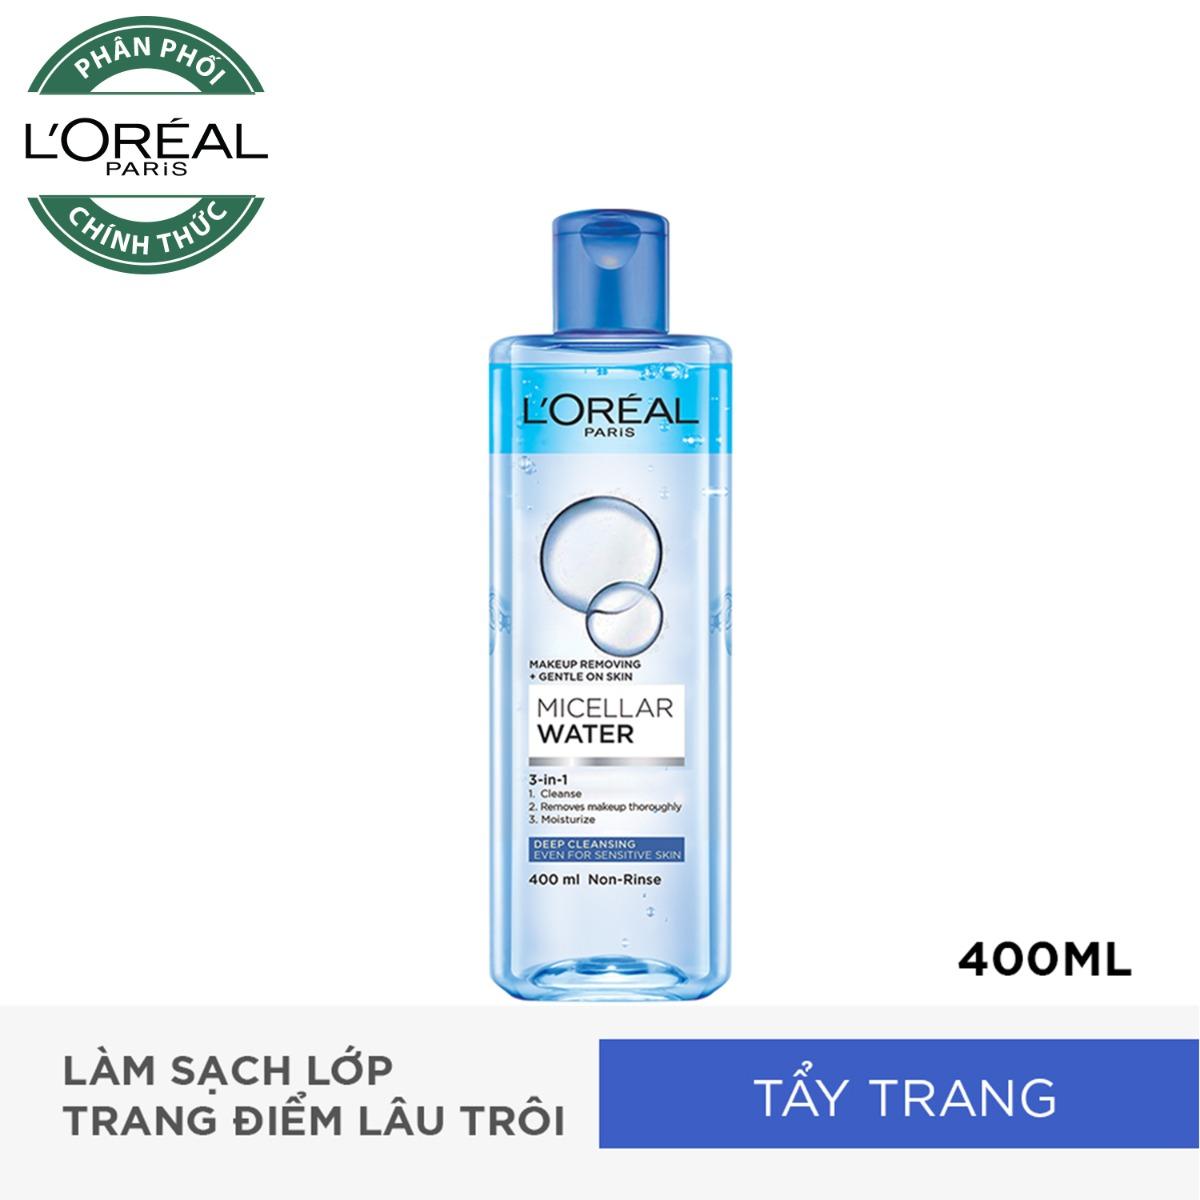 Nước Tẩy Trang L'Oreal 3-in-1 Làm Sạch Sâu 400ml